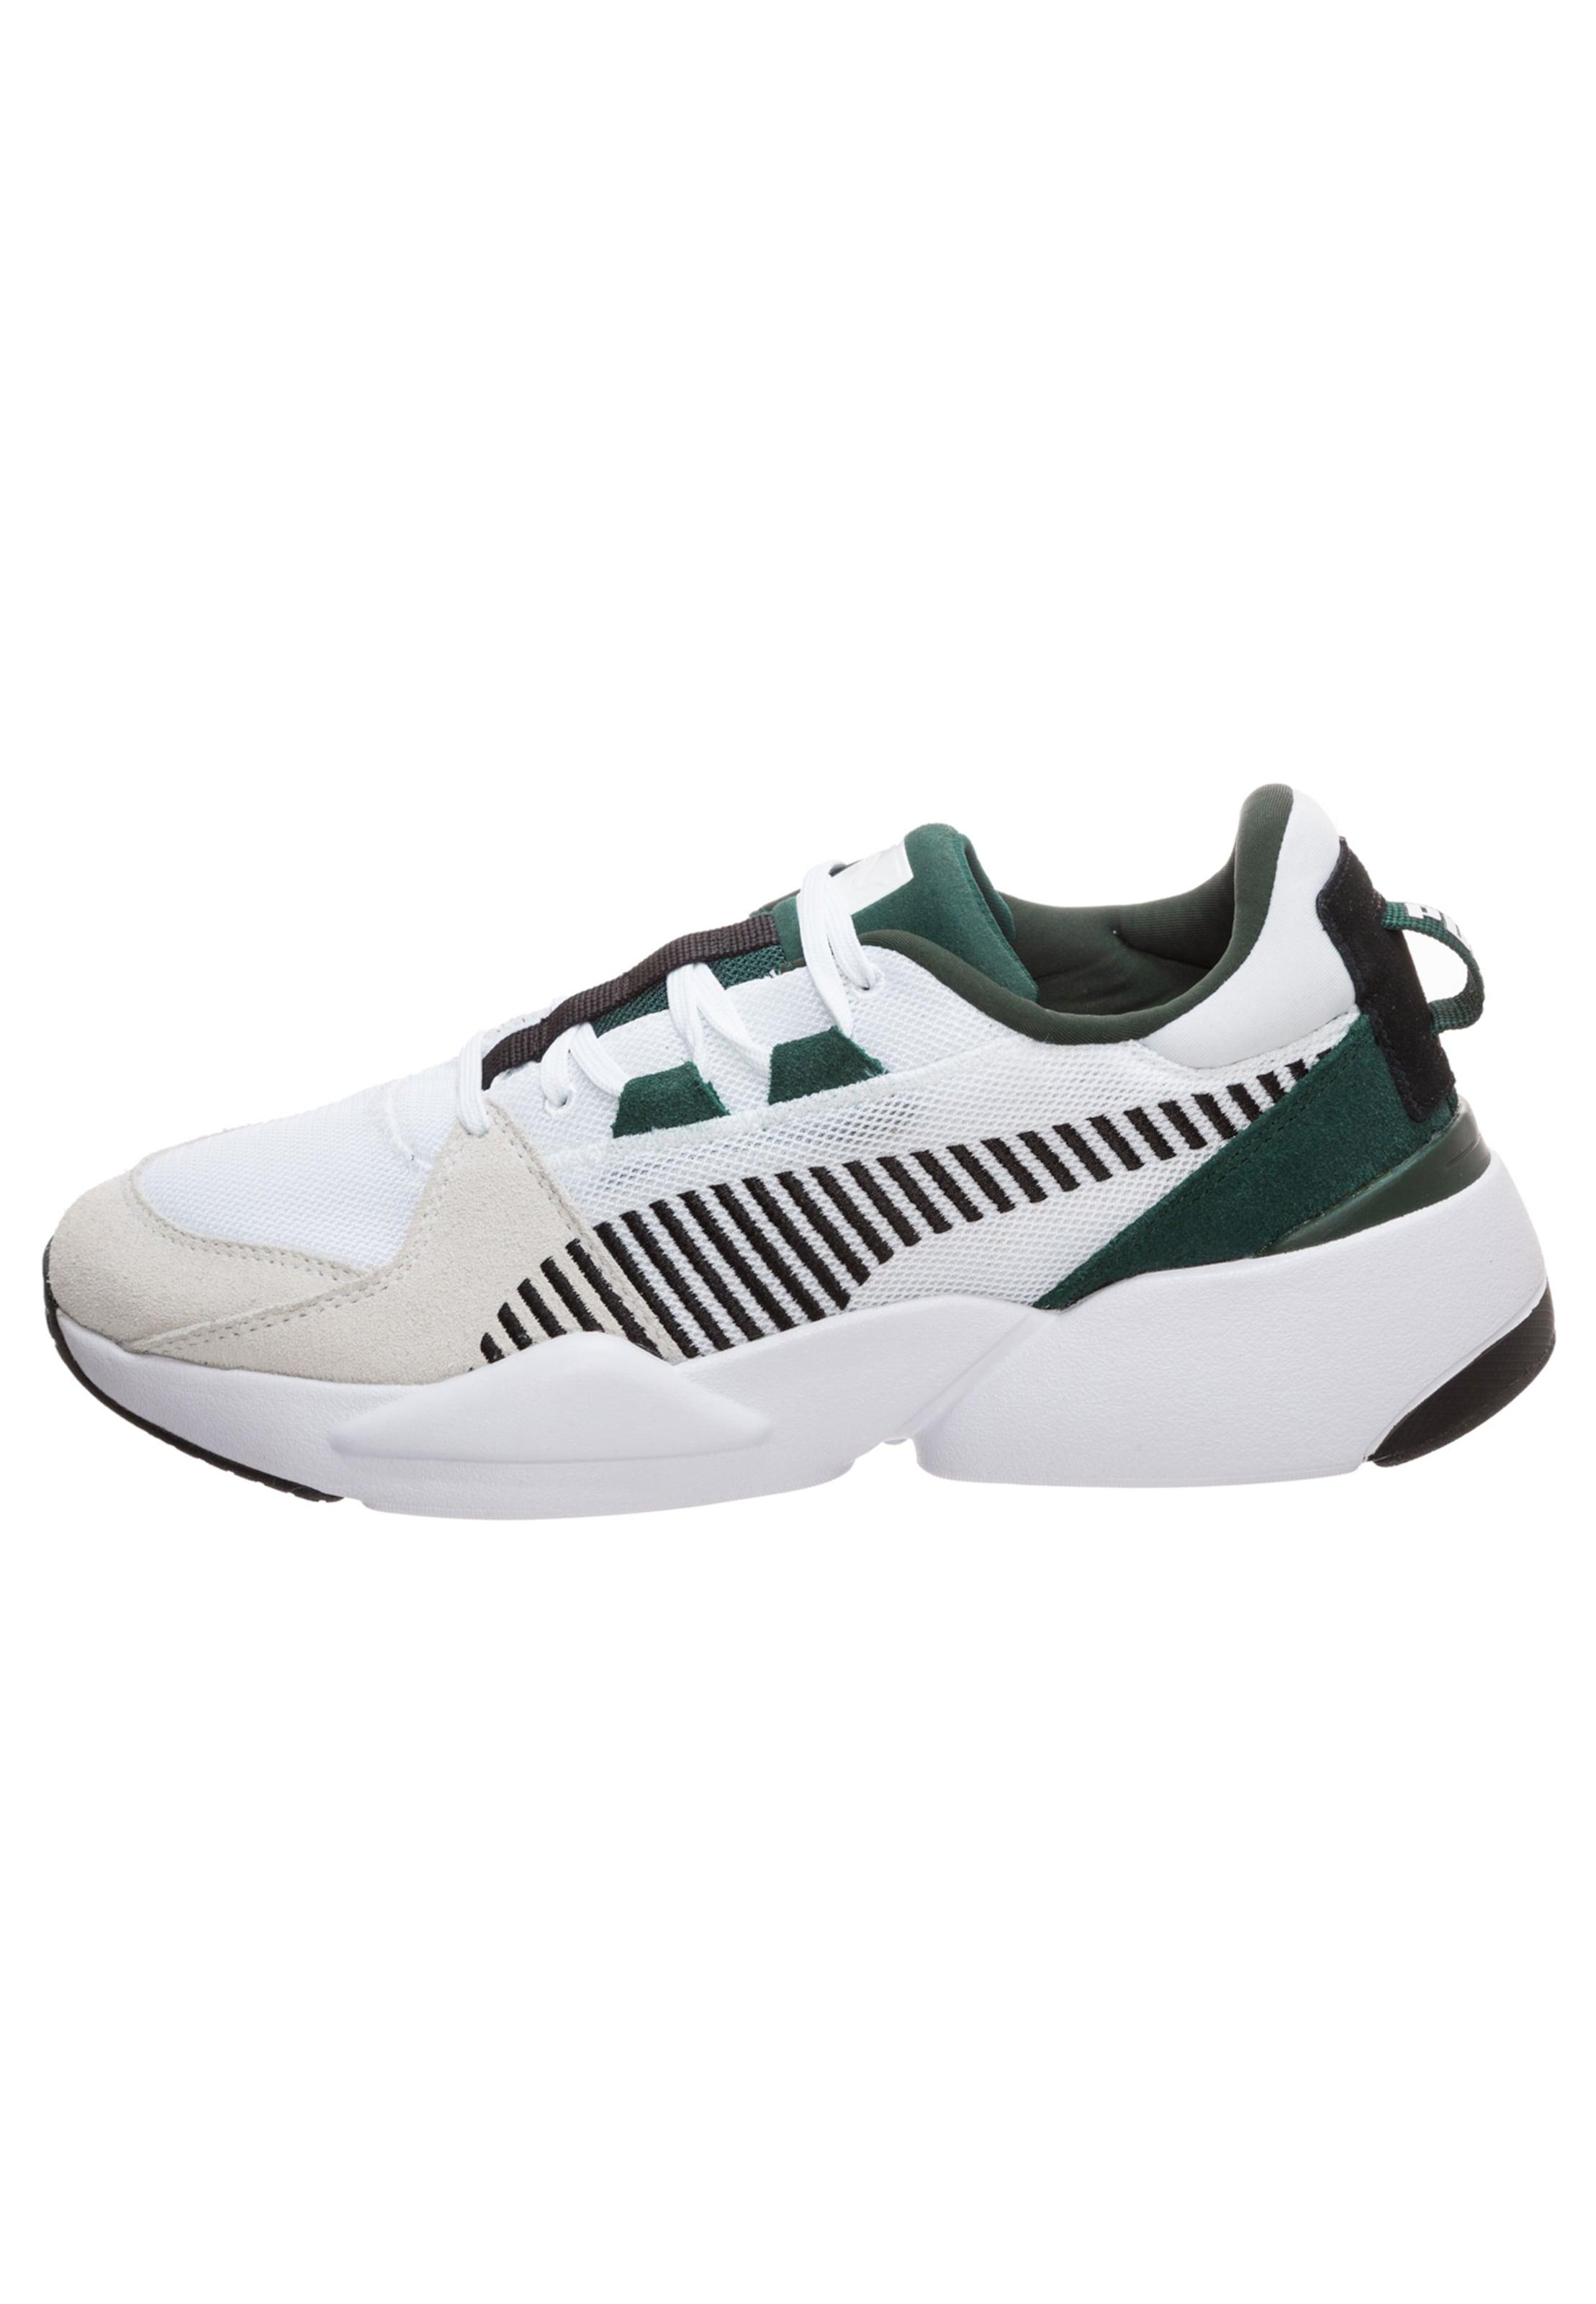 En Blanc Puma Suede' Baskets Vert Basses 'zeta FoncéNoir Cassé W2DH9EI